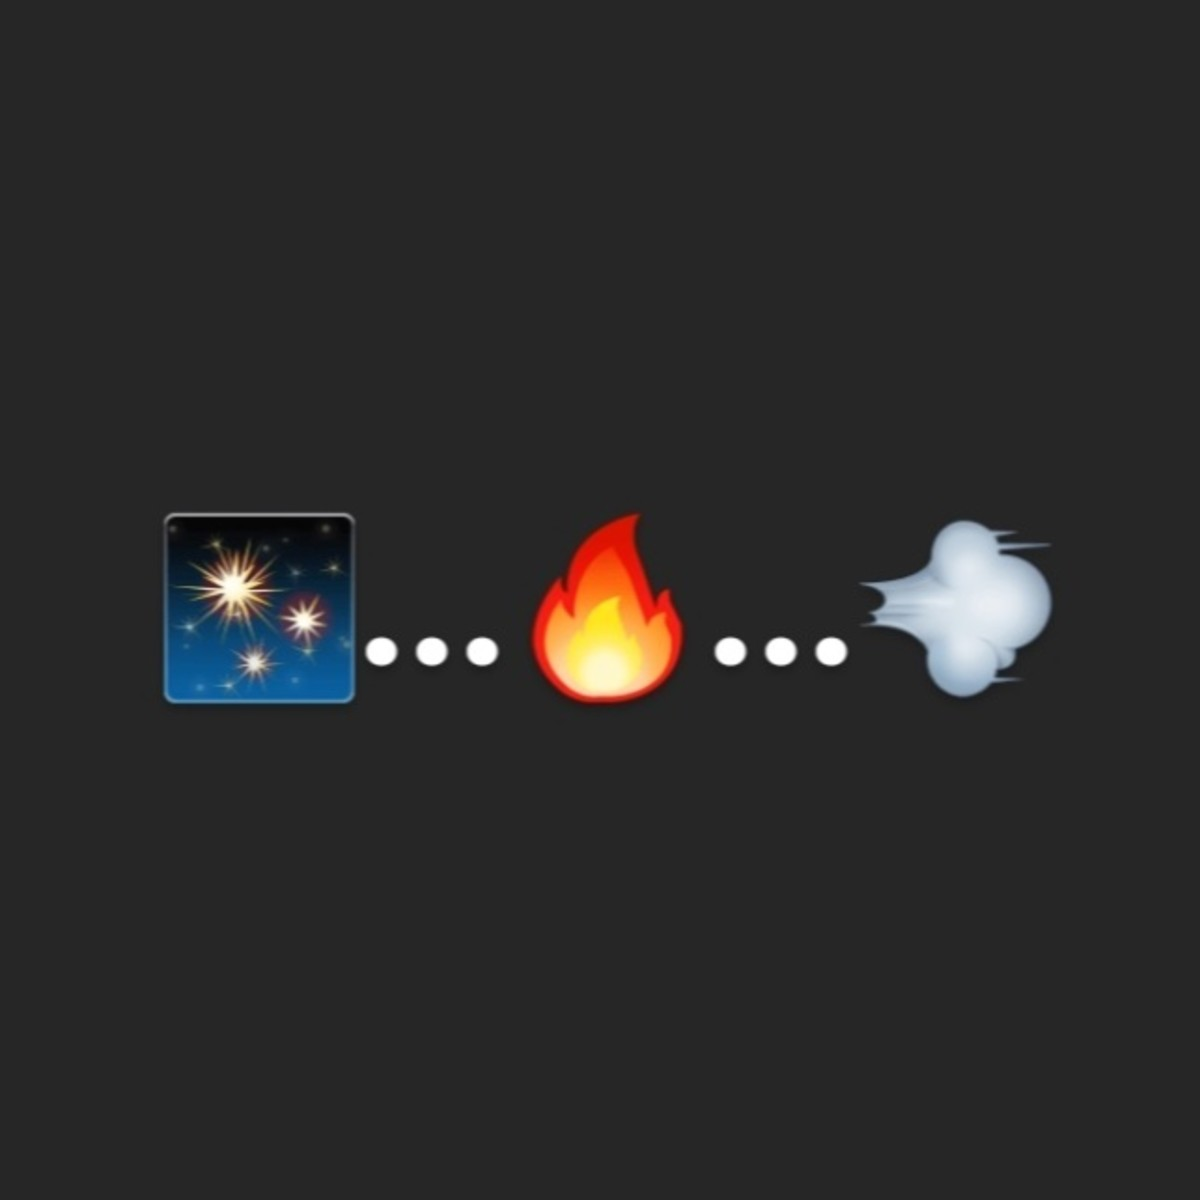 Poem: Secret Flame